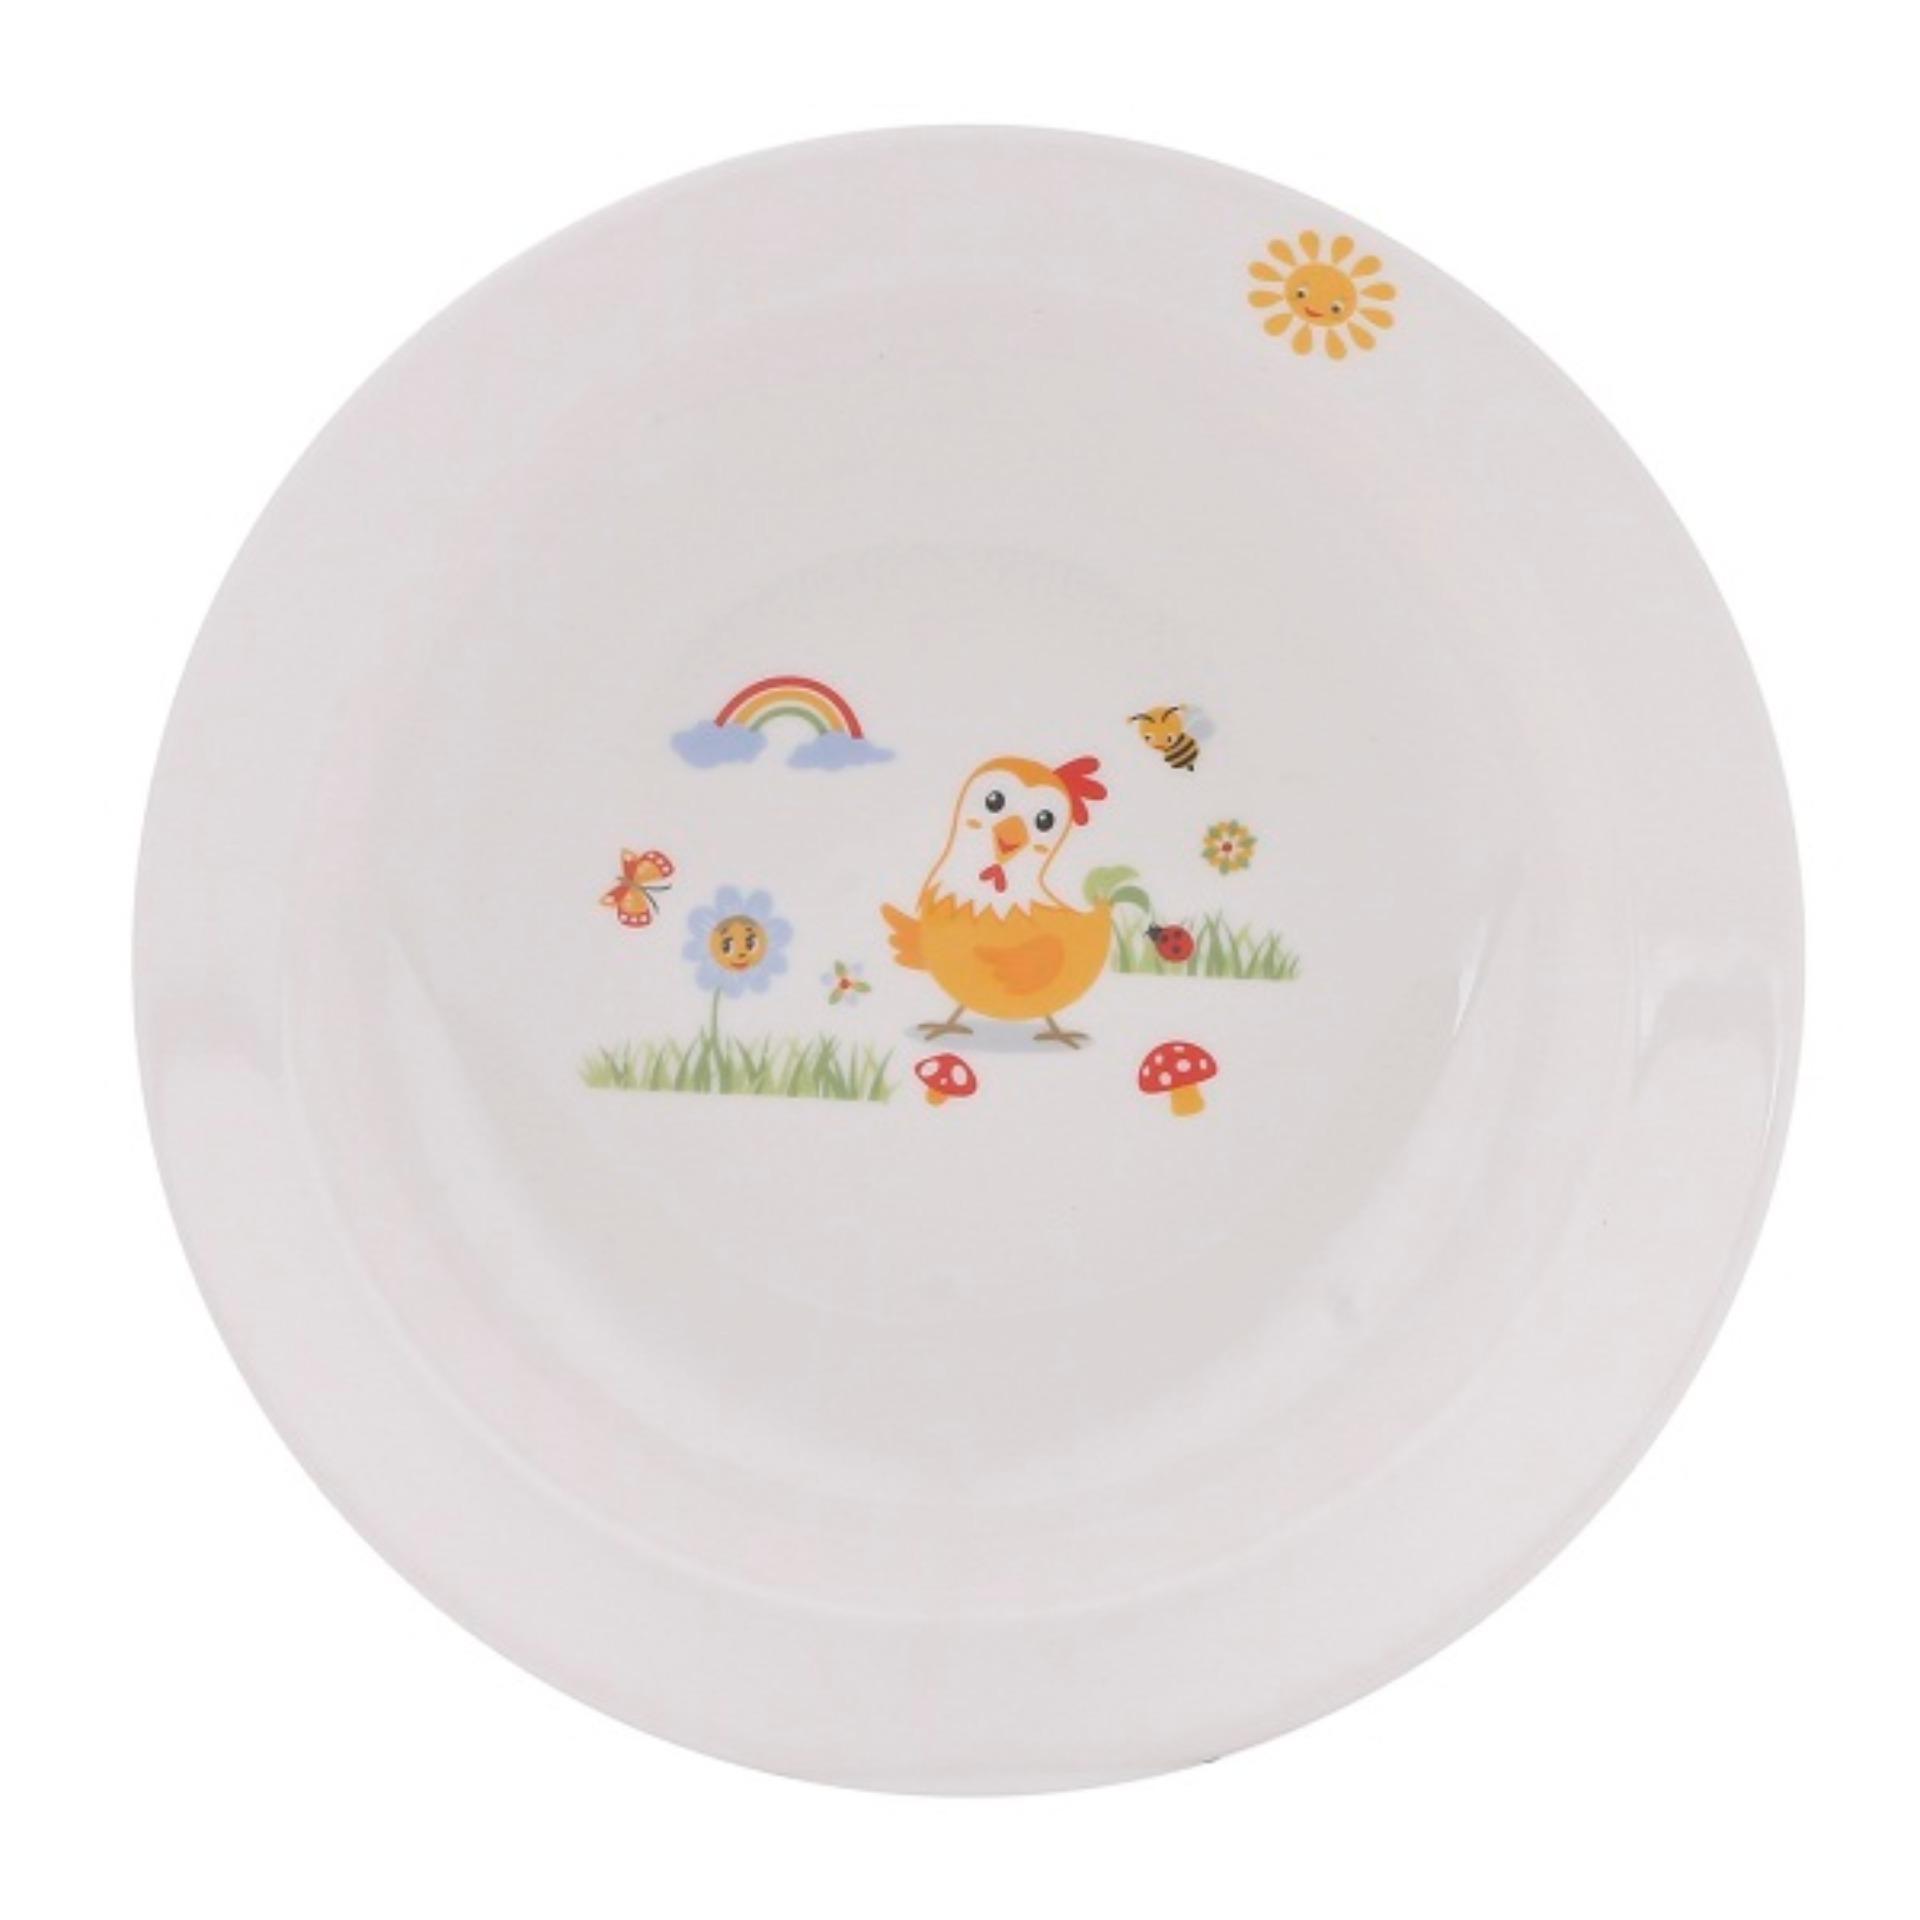 Bộ bàn ăn sứ Dong Hwa cho trẻ KIDSET01